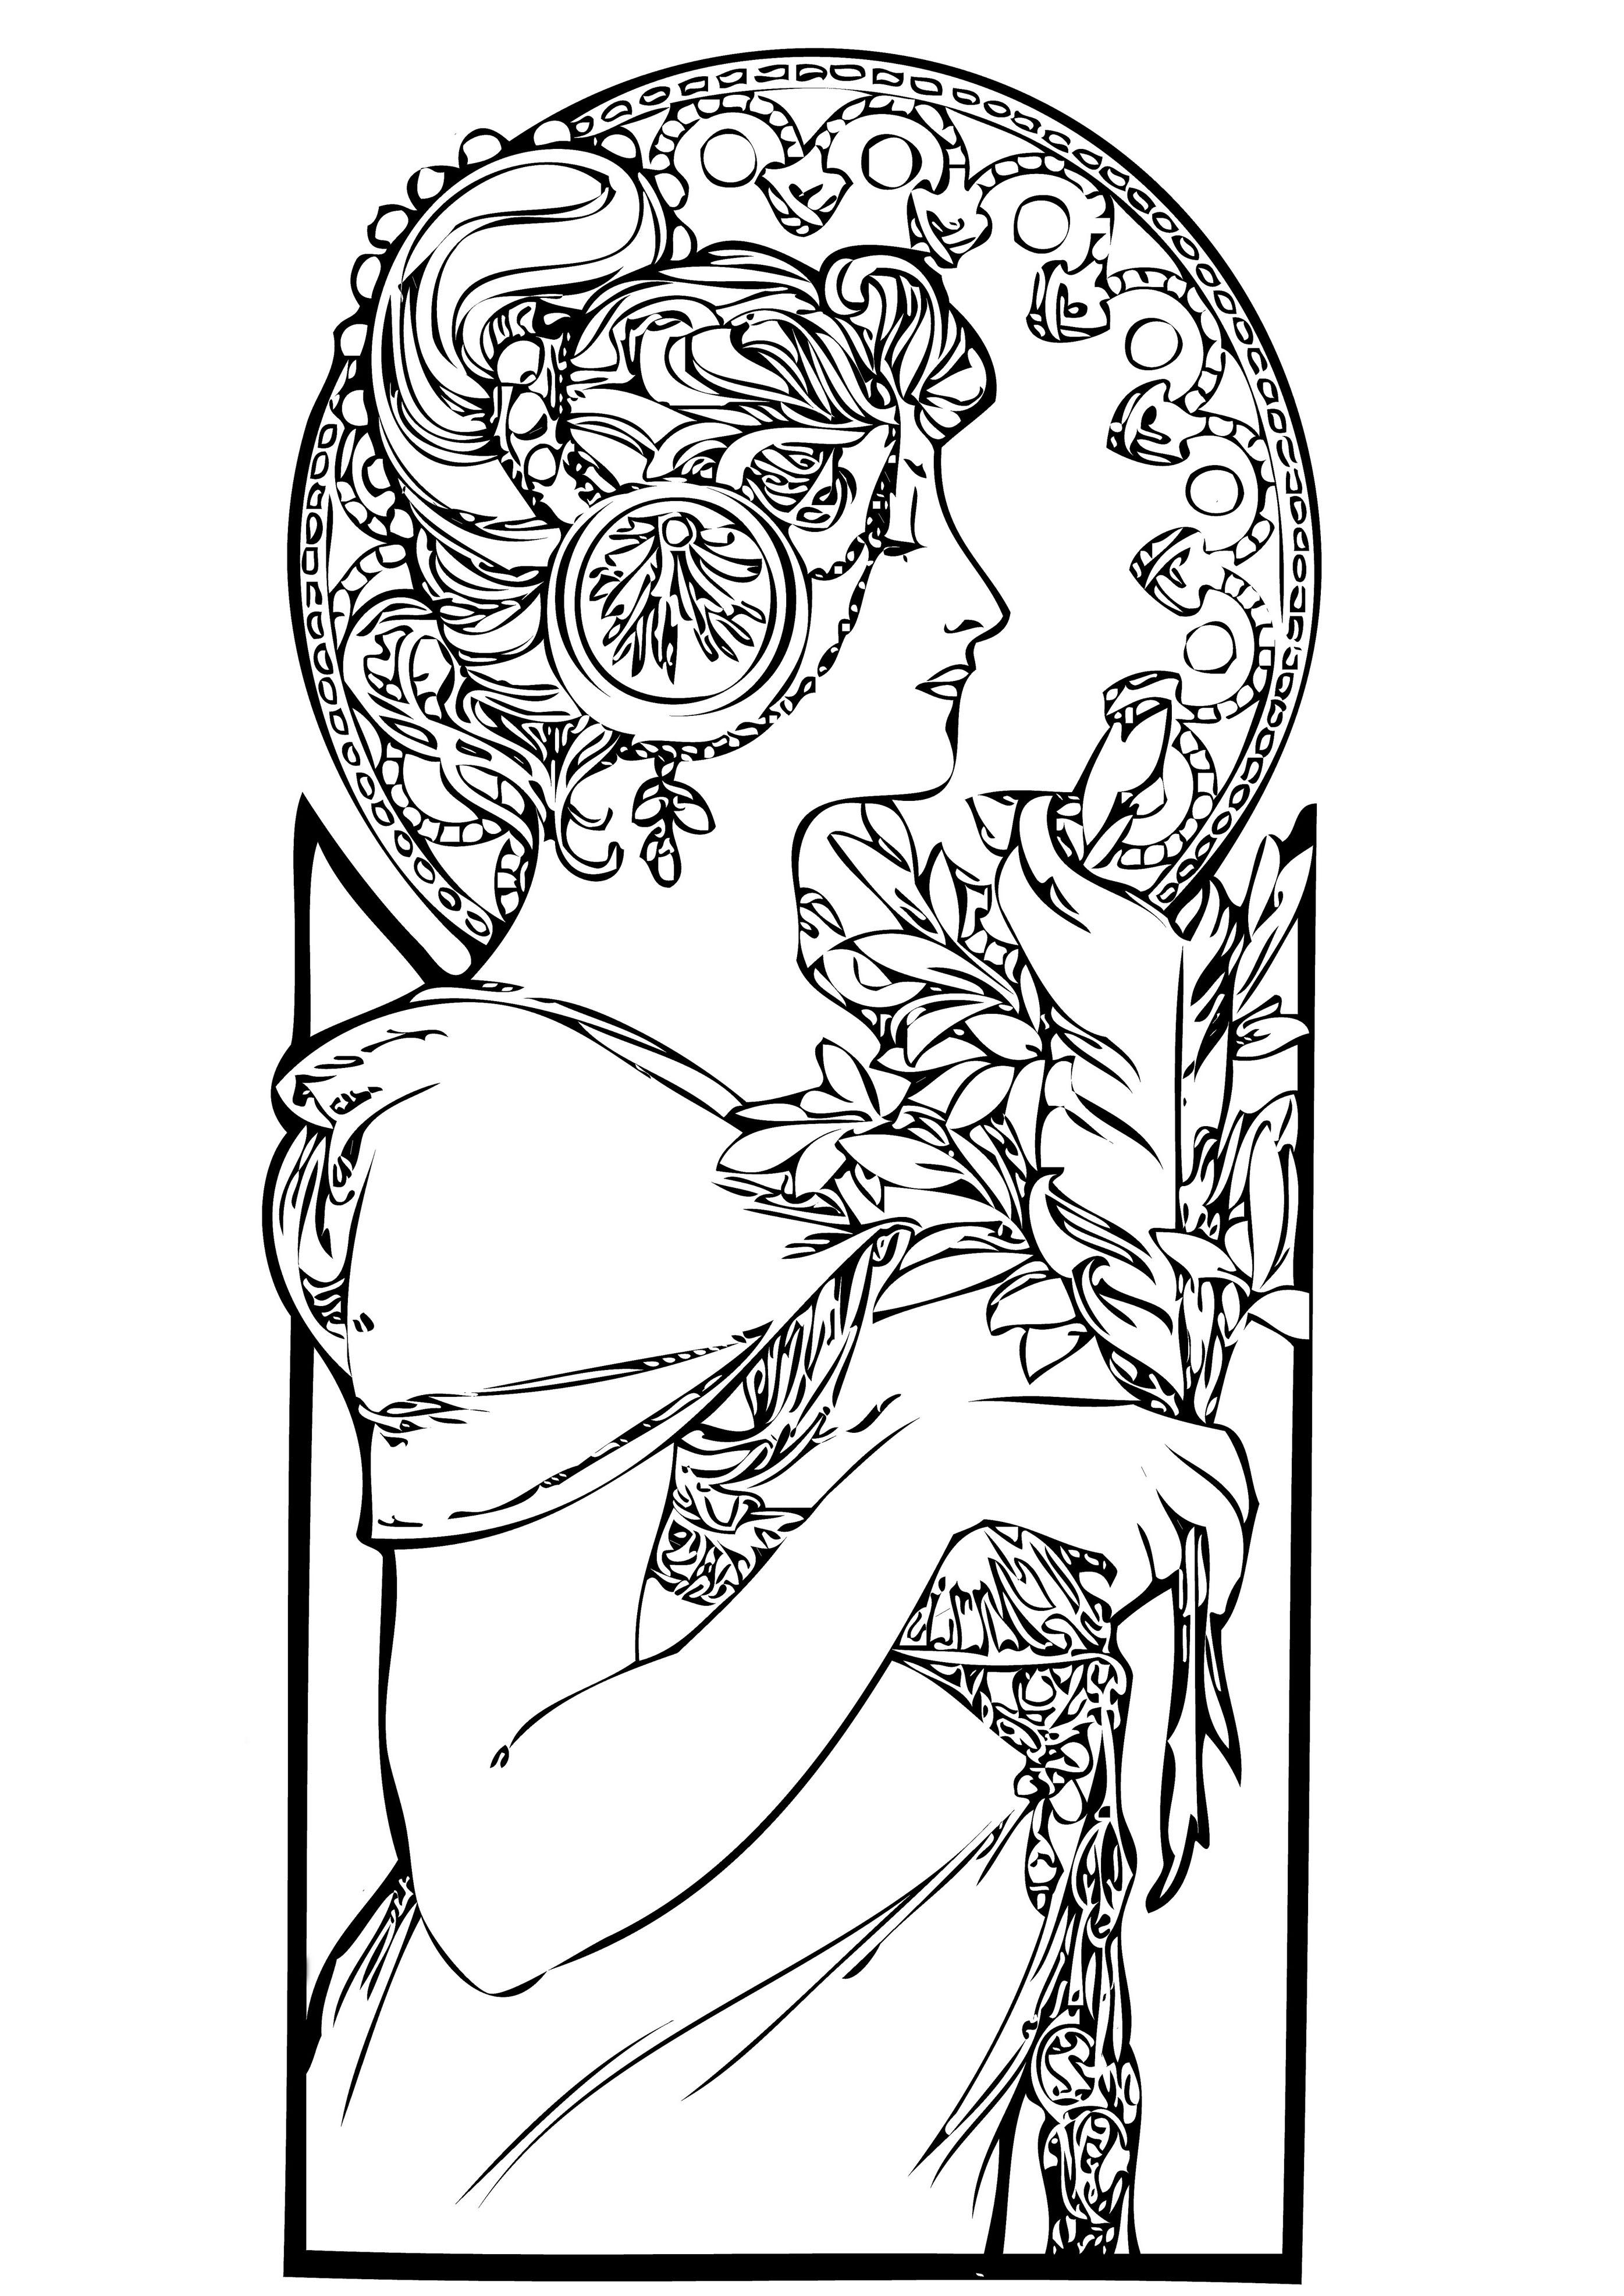 Dessin de femme de profil, style Art nouveau